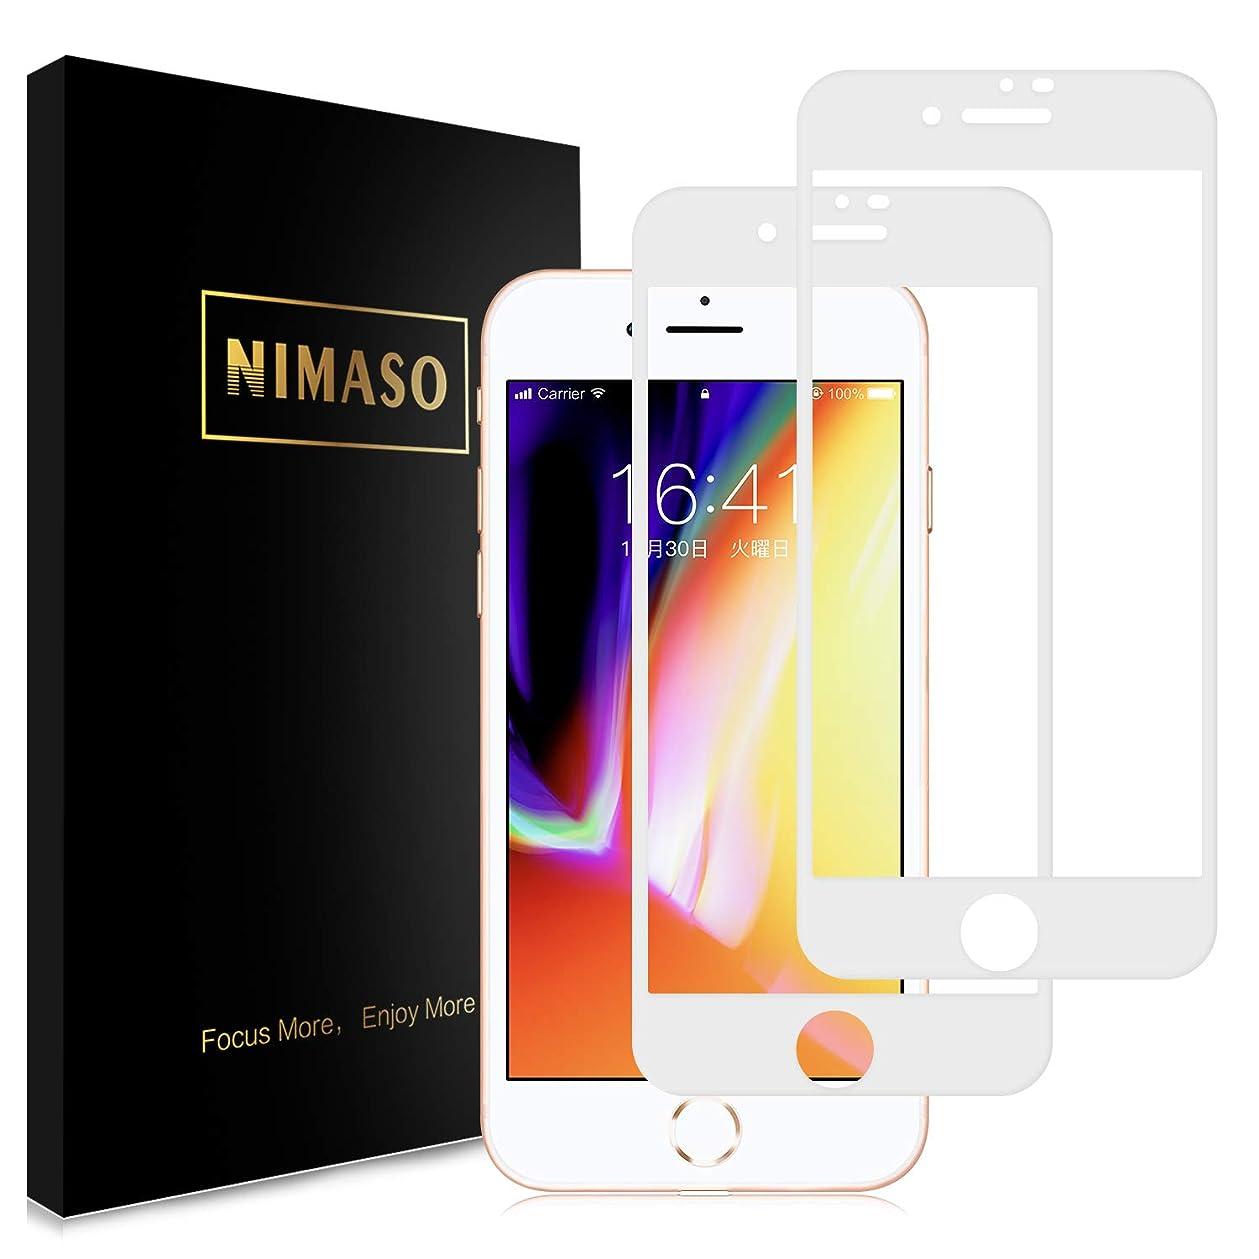 成果生物学対角線【浮きがなく】 Nimaso iPhone 8 / 7 用 全面保護フィルム 強化ガラス 【フルカバー】保護フィルム 硬度9H/高透過率 (iPhone8 / iPhone7 用 フィルム, 2枚セット ) (ホワイト)